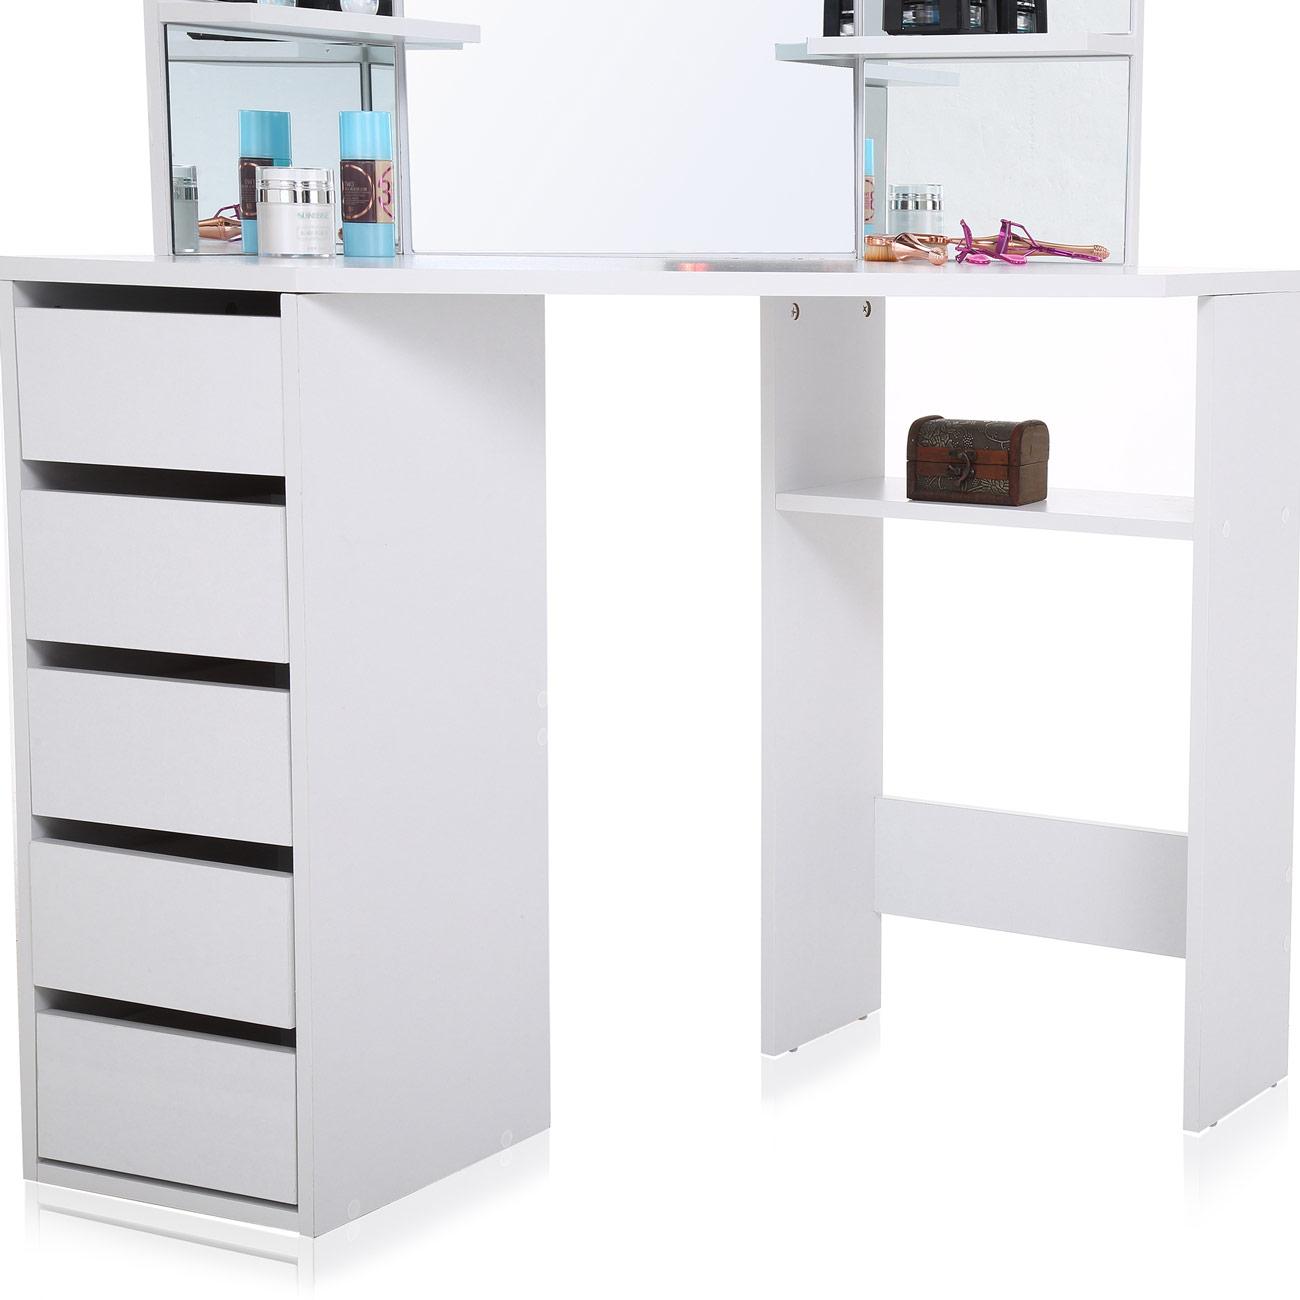 makika eckschminktisch schminktisch elle mit spiegel und schubladen haus garten wohnen. Black Bedroom Furniture Sets. Home Design Ideas